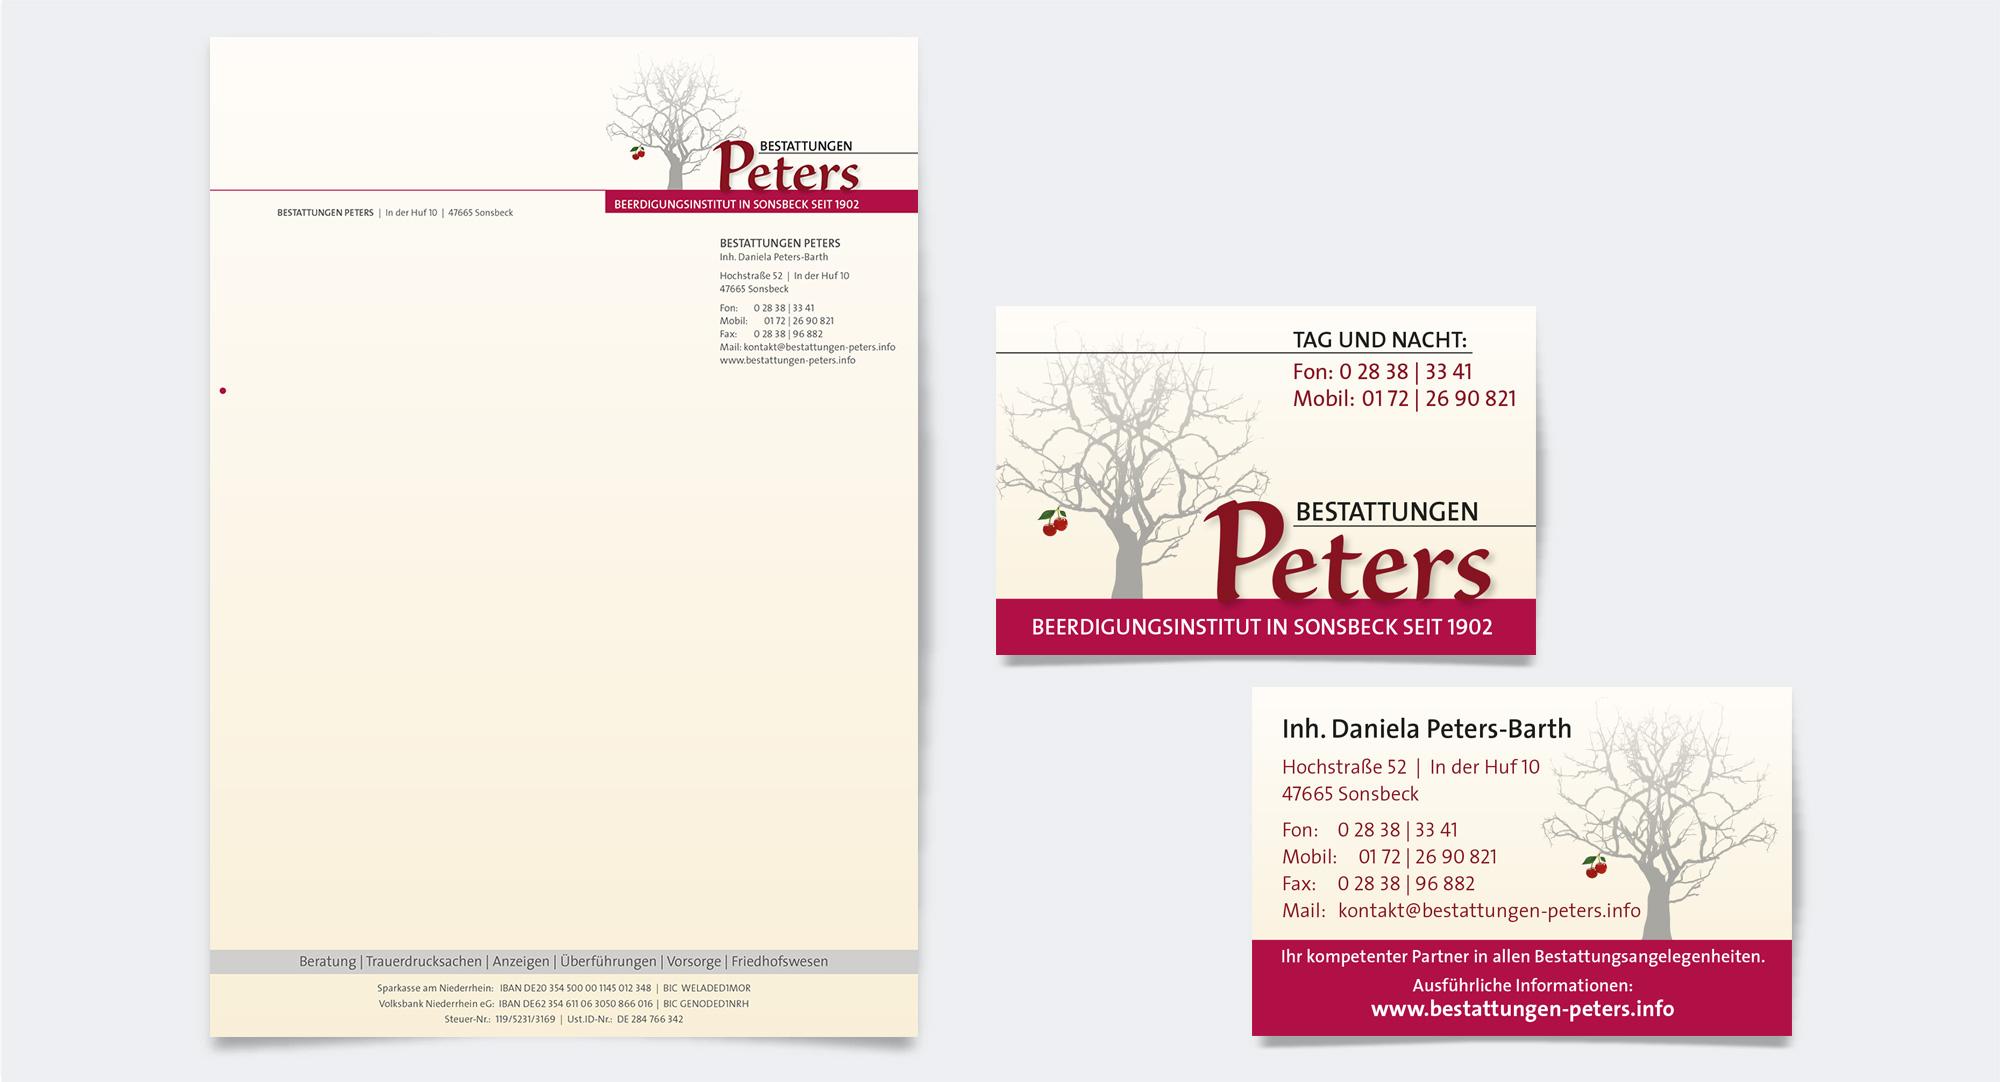 Bestattungen Peters – Geschäftsausstattung